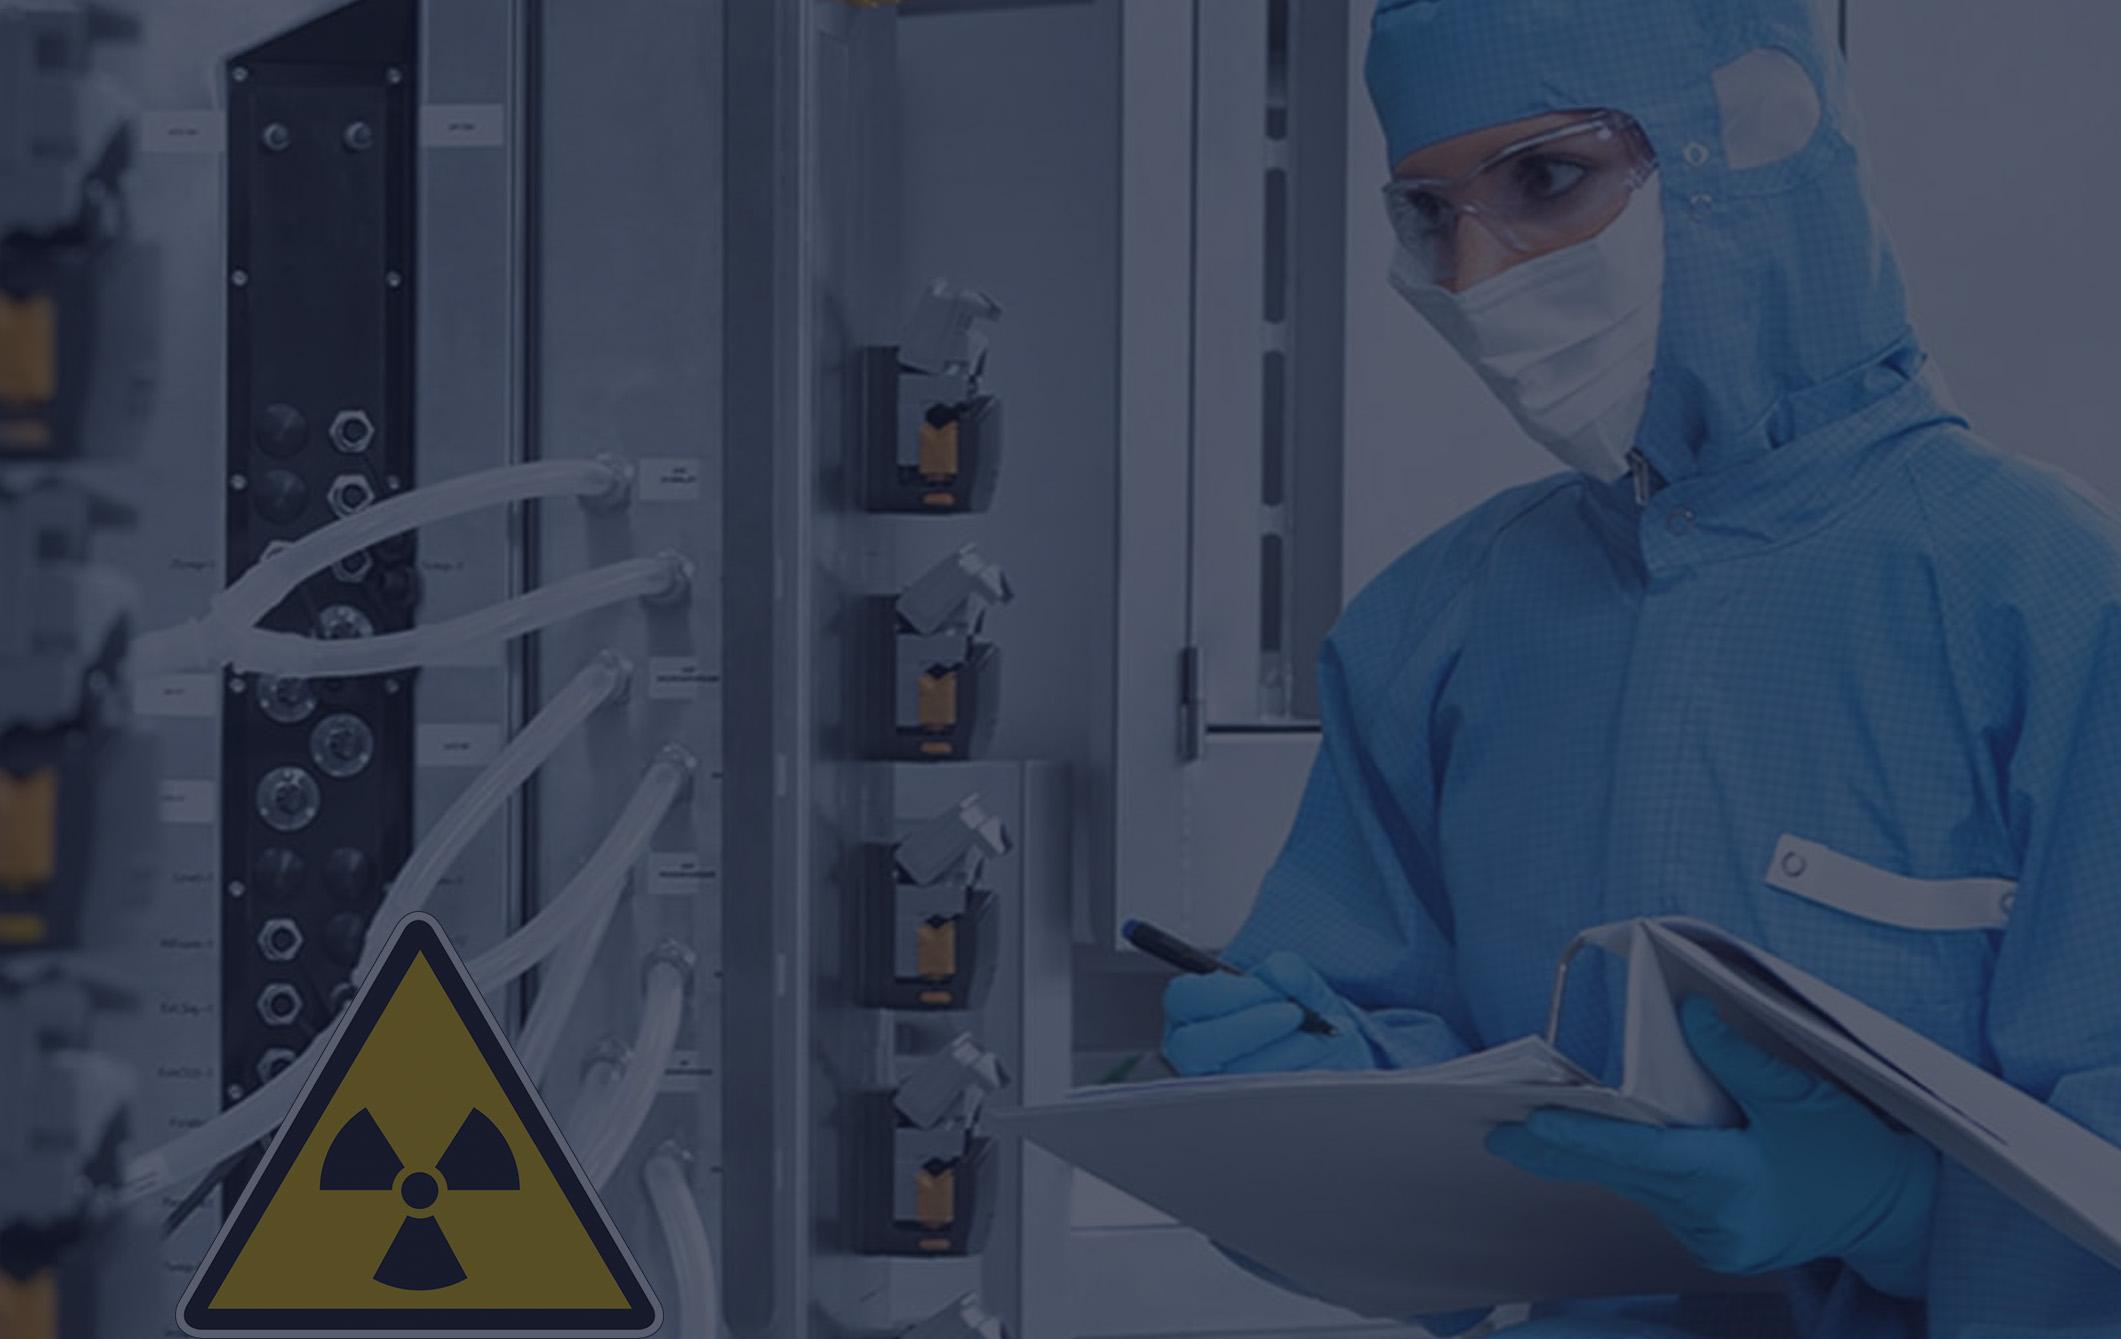 Радиационная безопасность при обращении с генерирующими источниками. Радиационный контроль и защита